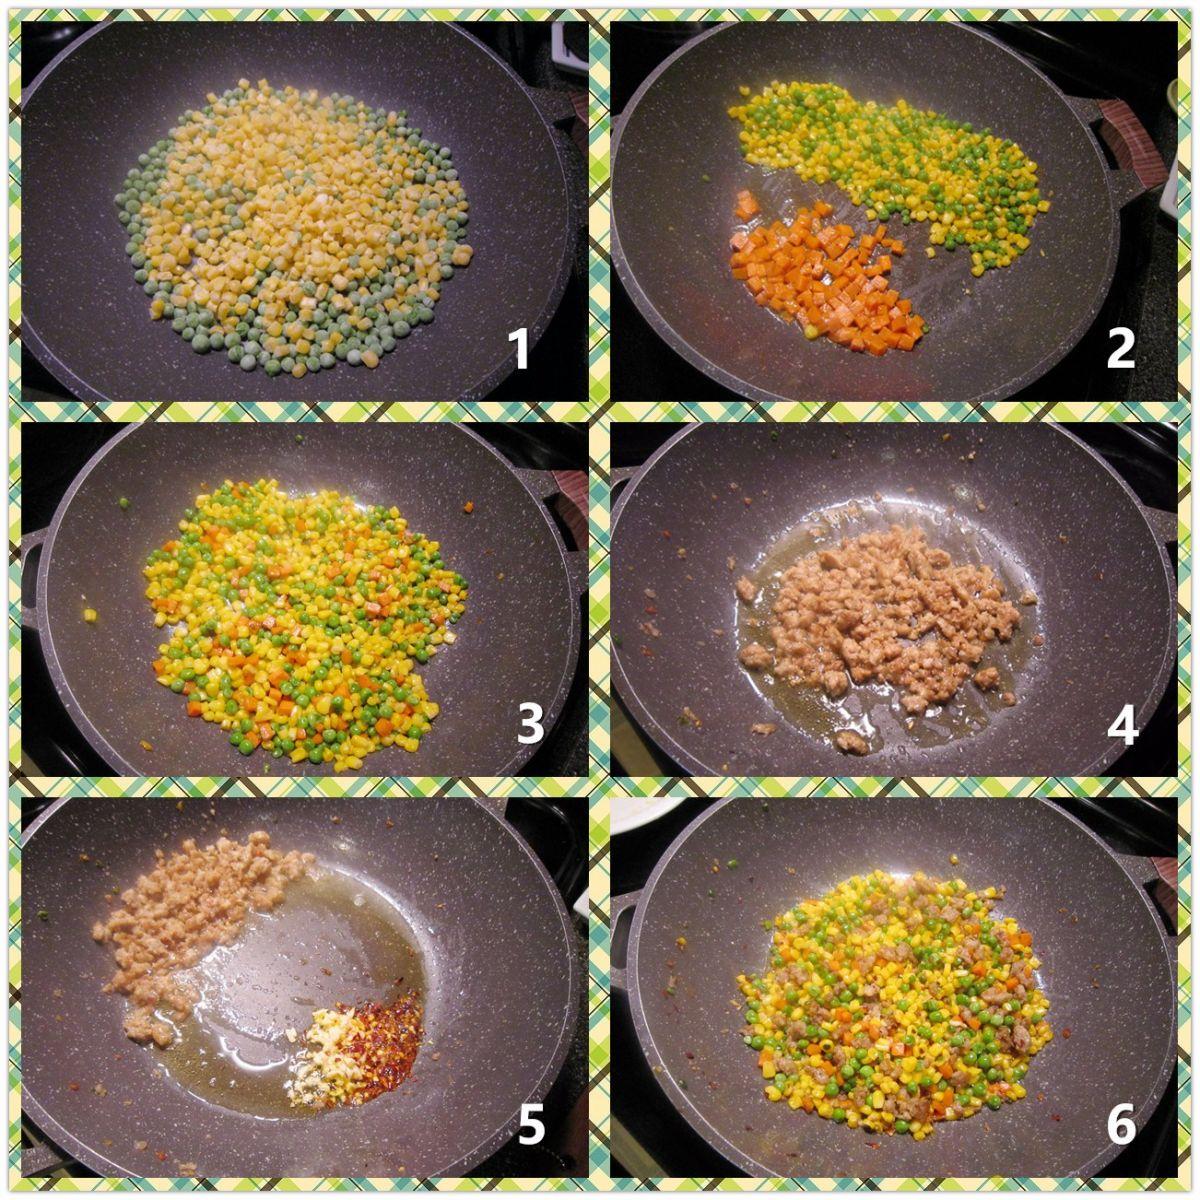 肉末蔬菜粒_图1-2